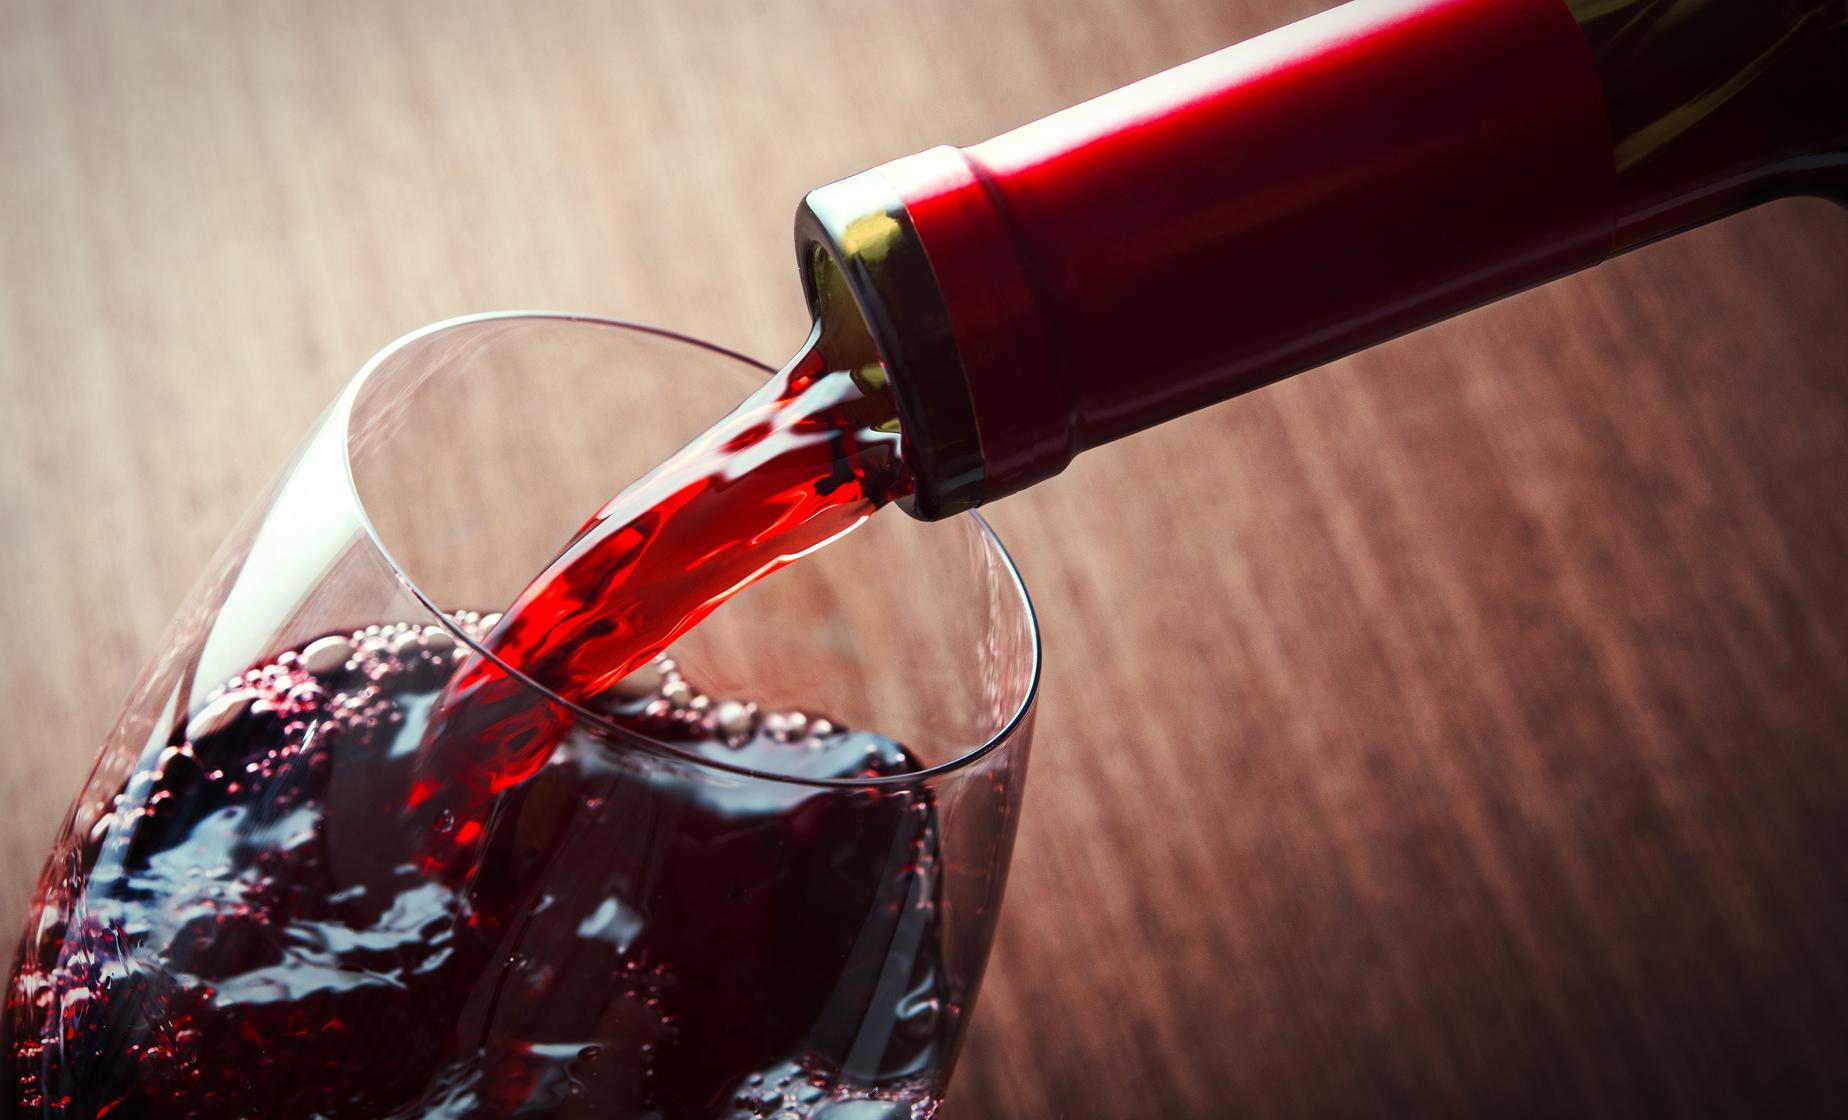 Medoc Wine Tasting Experience